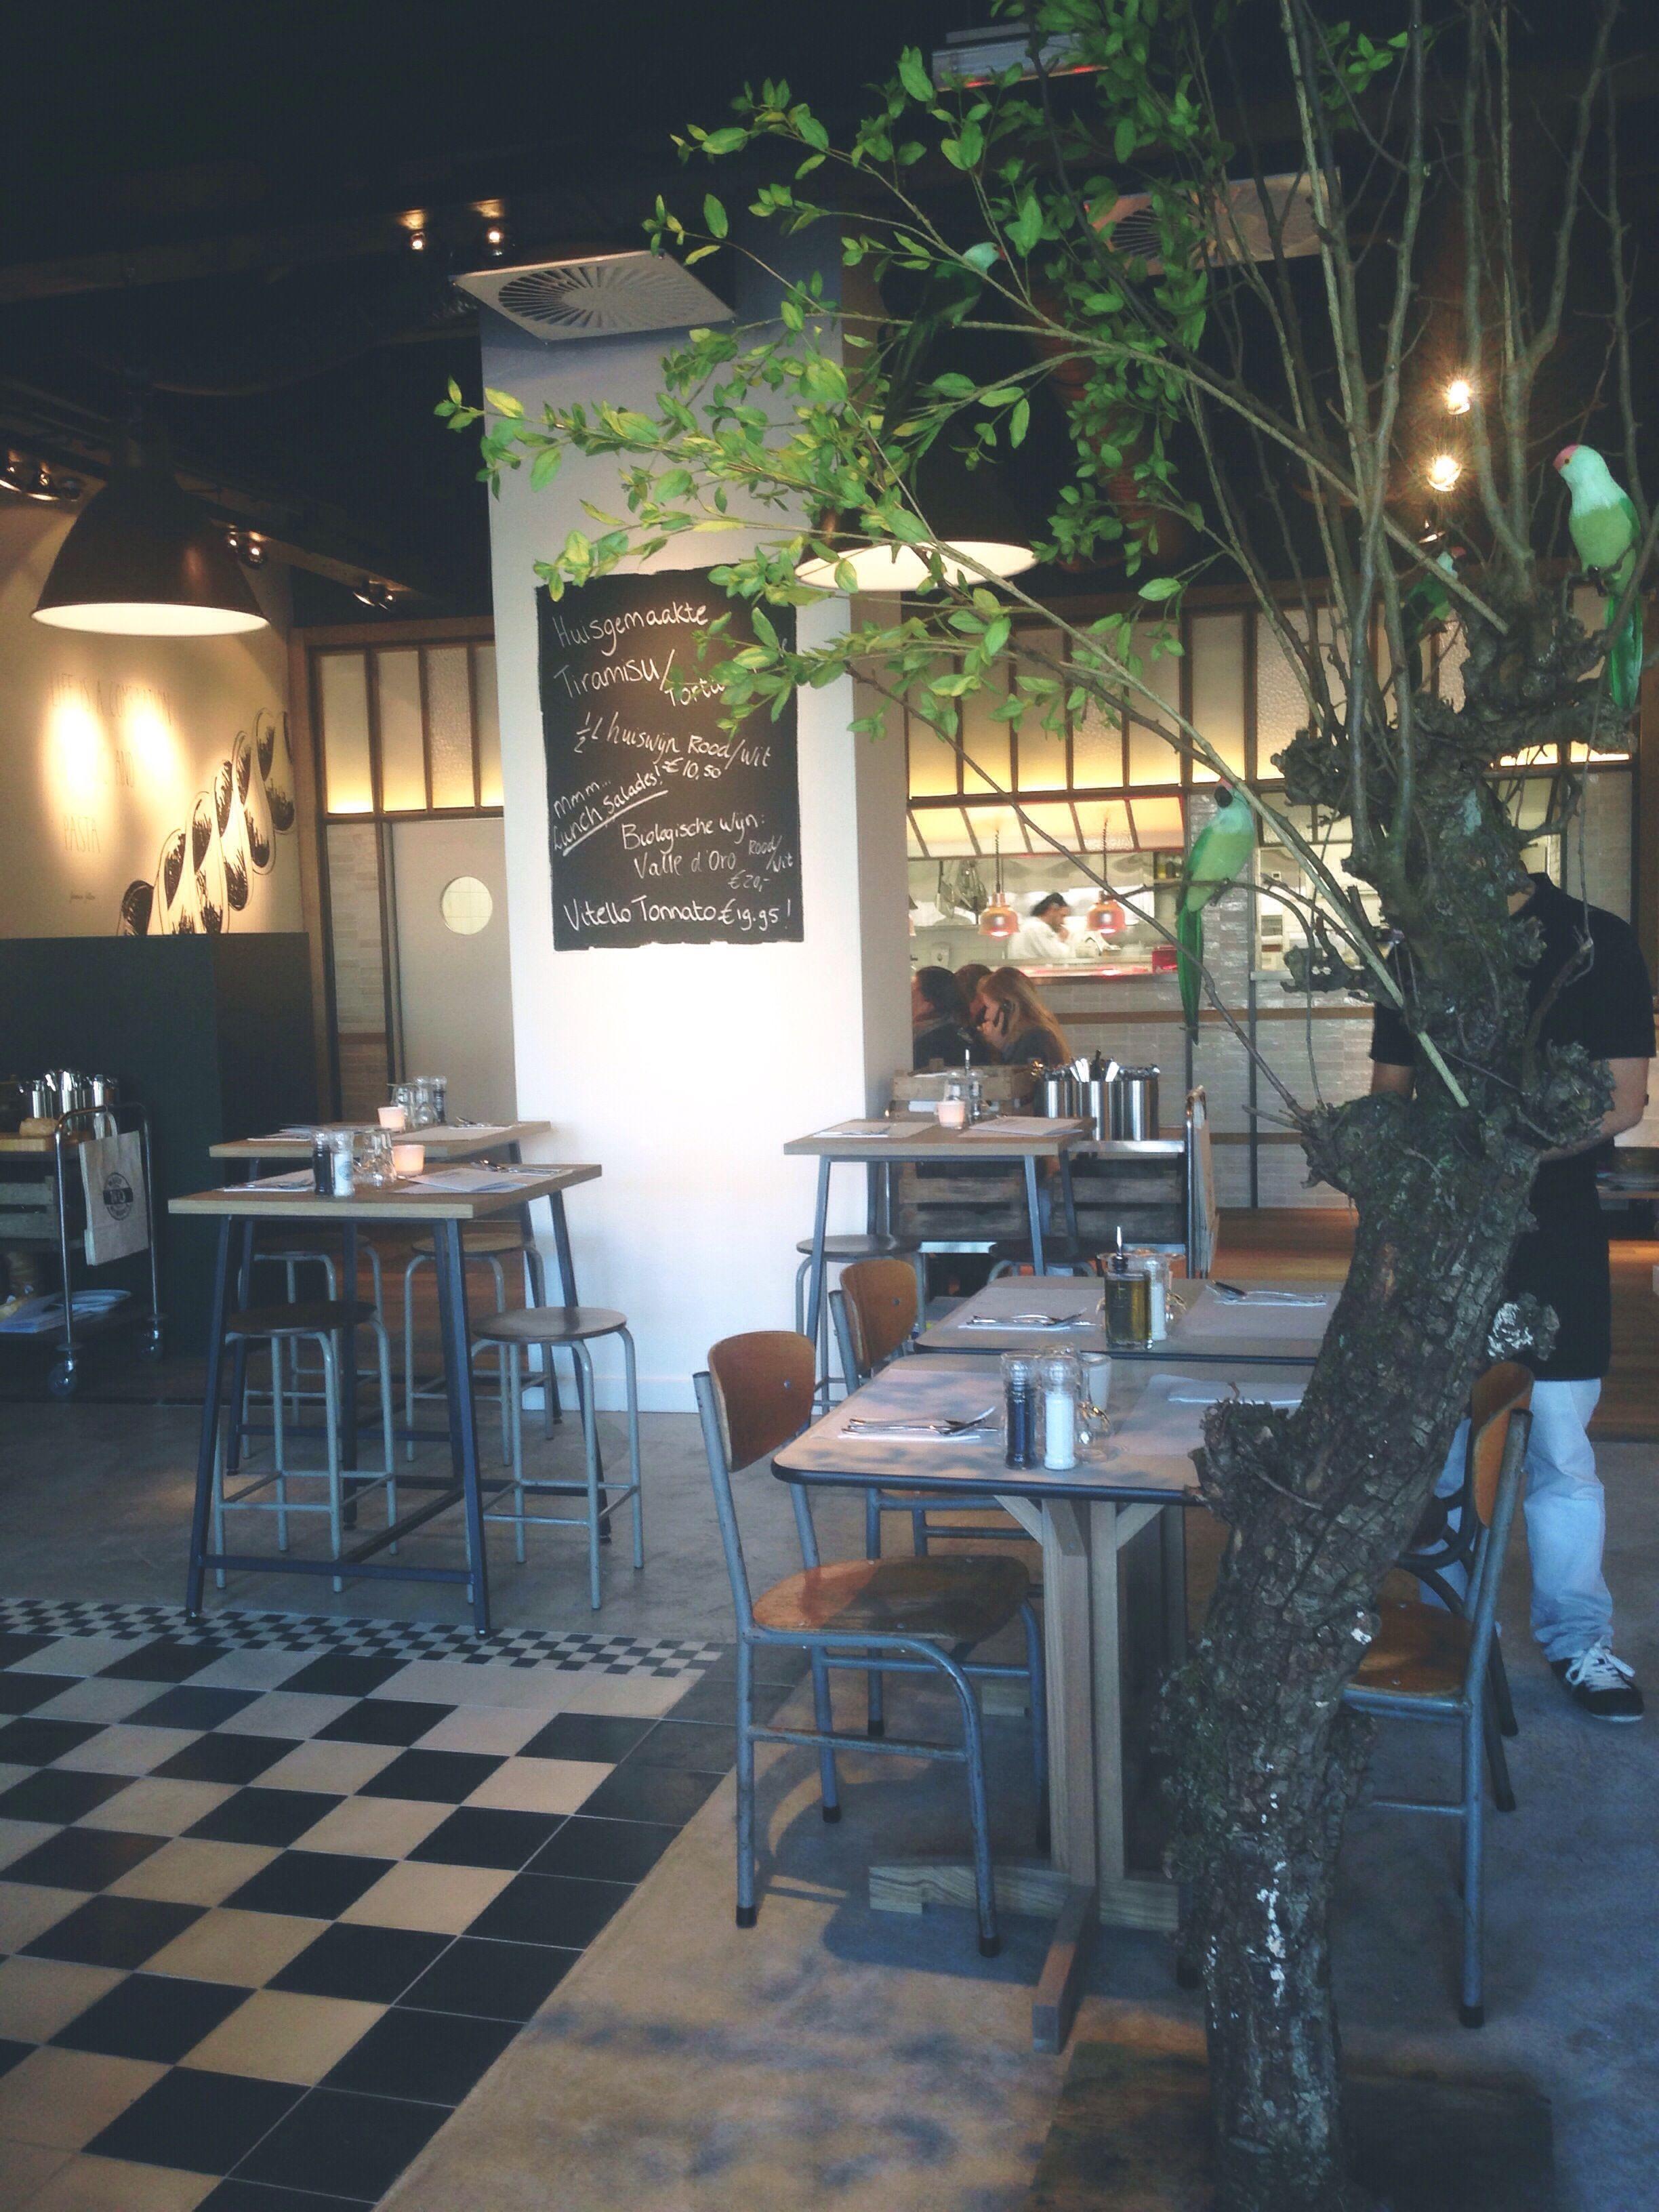 undefined Cafe restaurant, Restaurant interior, Outdoor